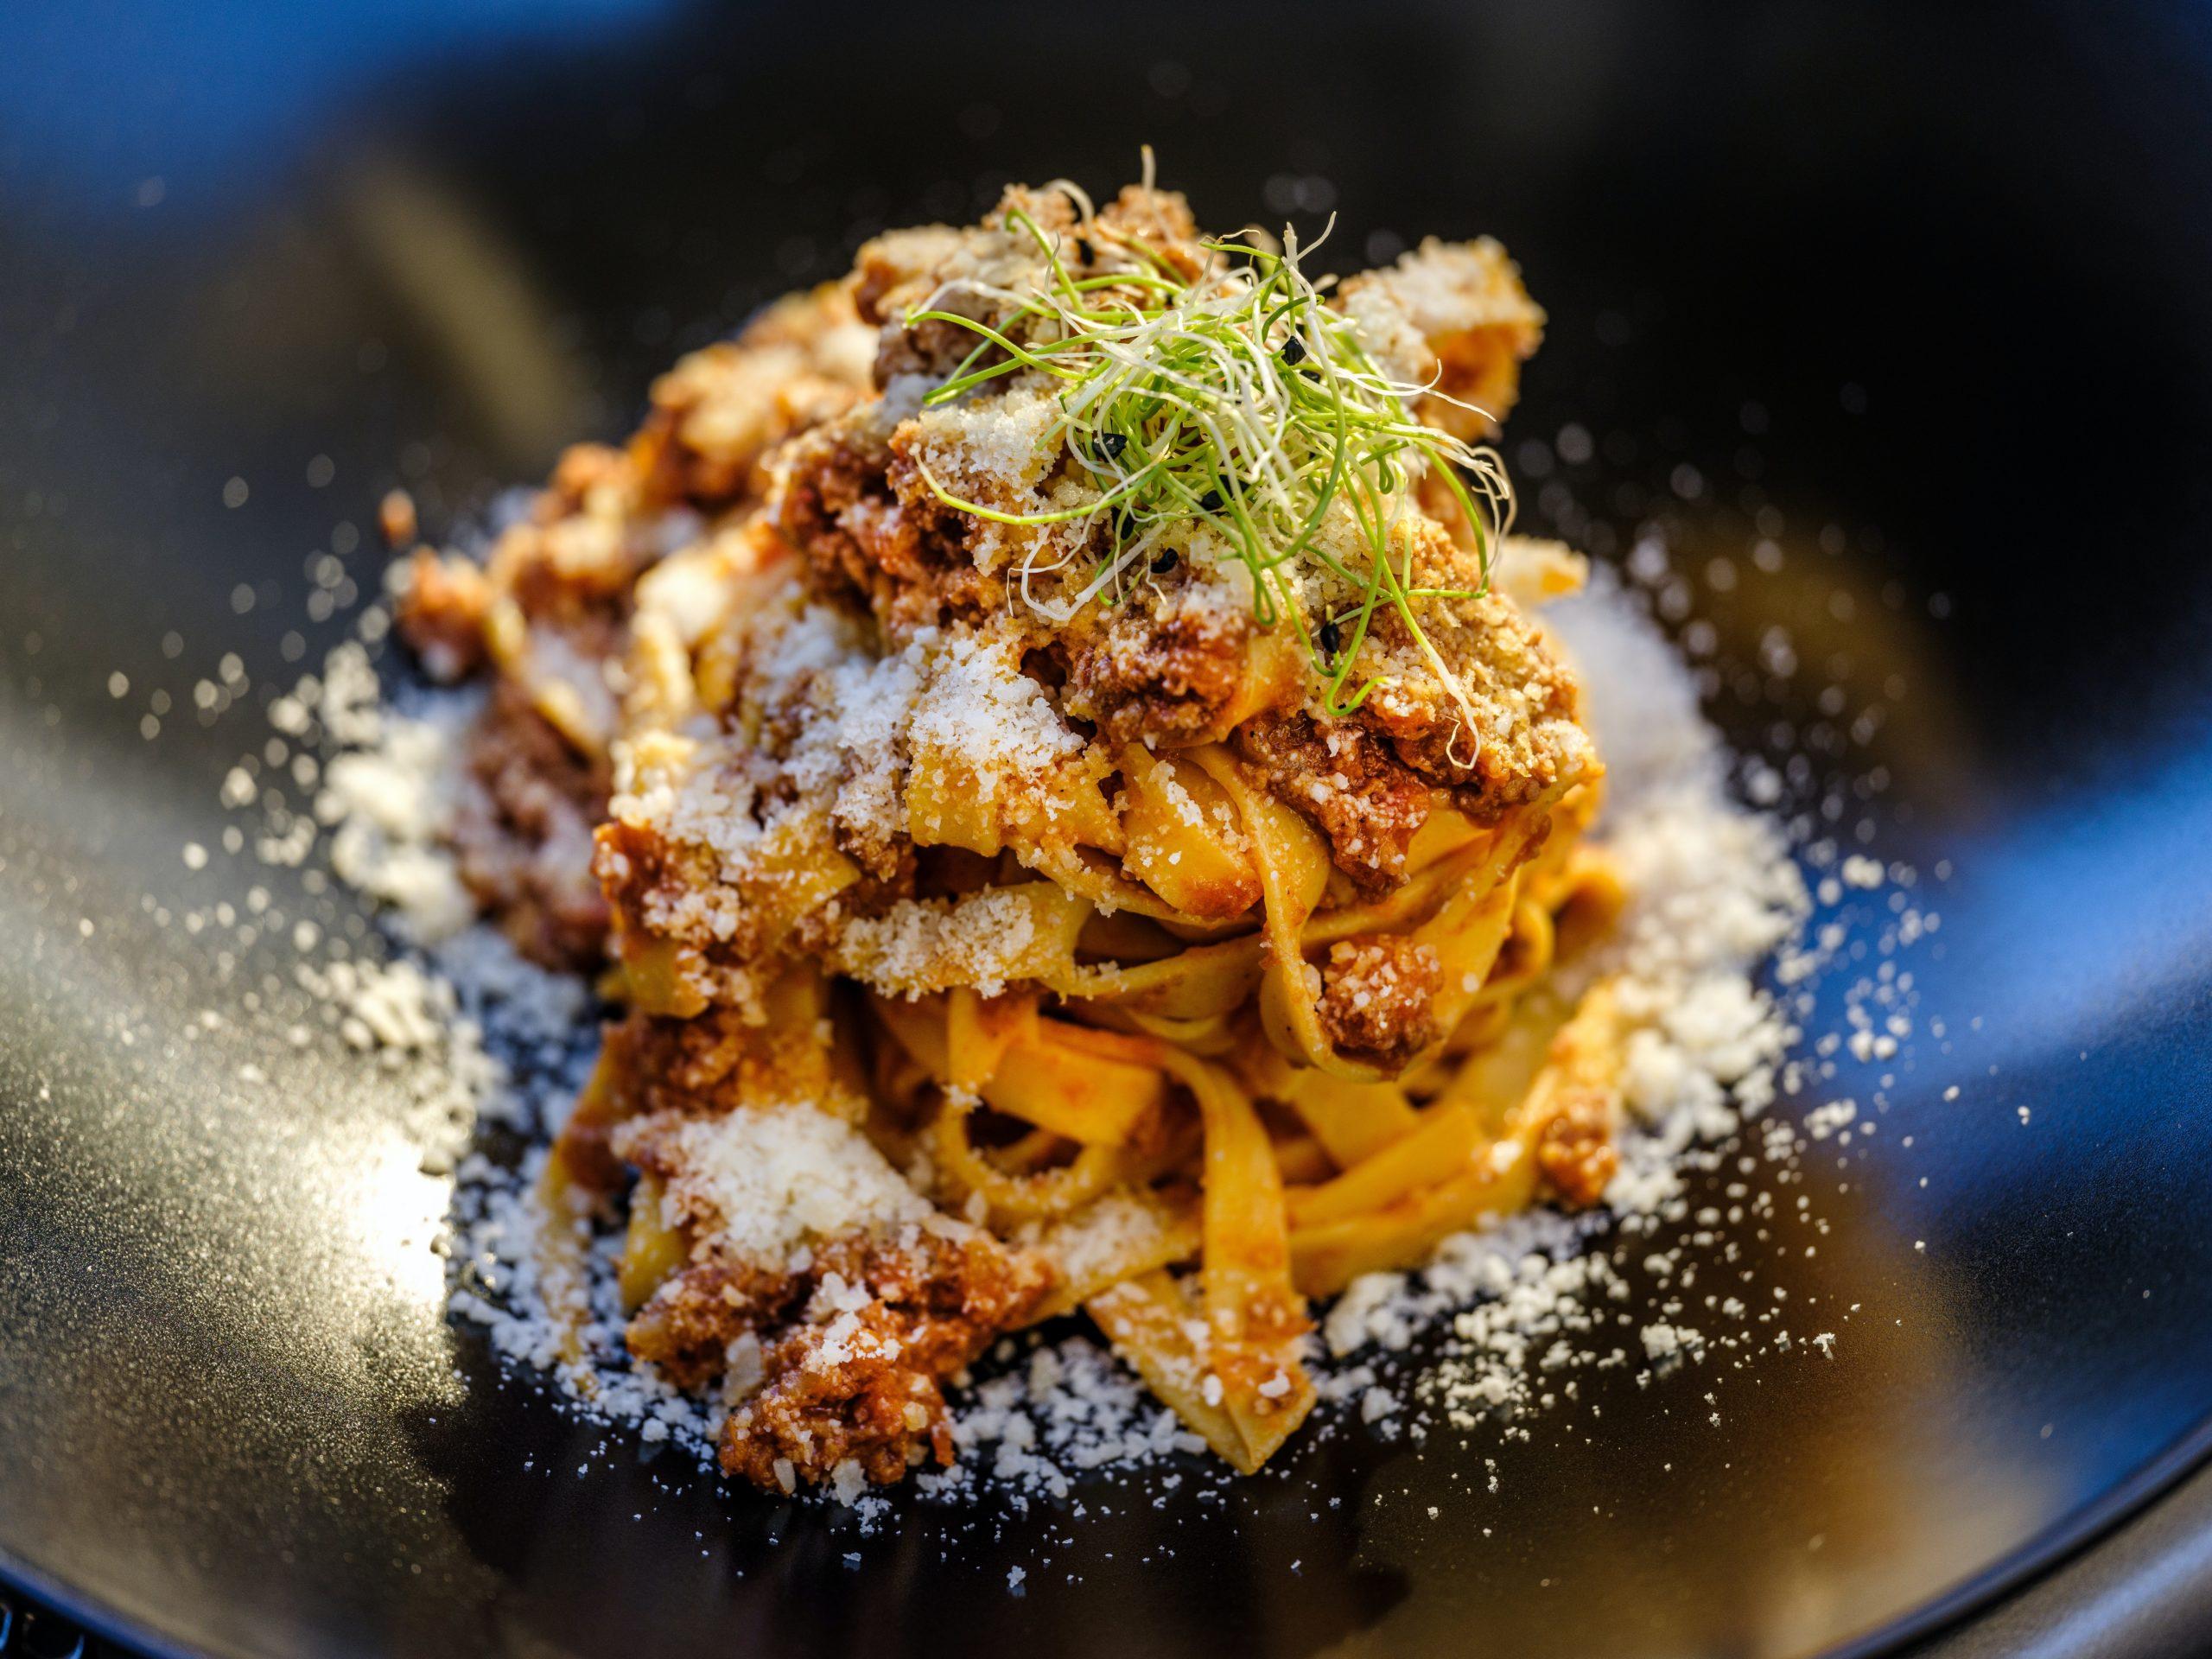 Assiette de pâtes à la bolognaise, une des recettes de pâtes italiennes incontournables